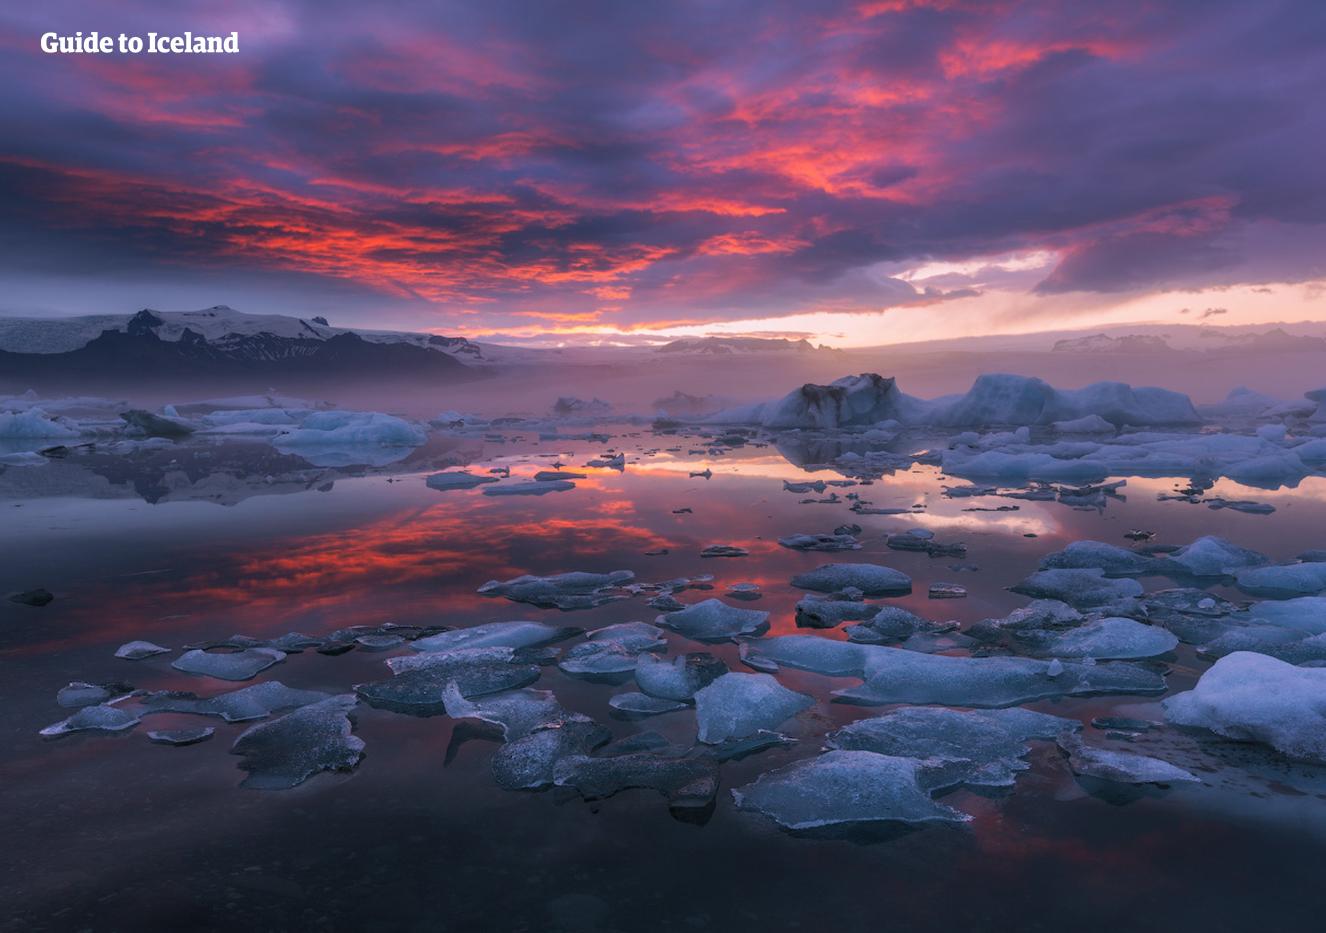 La laguna glaciale di Jökulsárlón è una delle caratteristiche naturali più belle dell'Islanda.